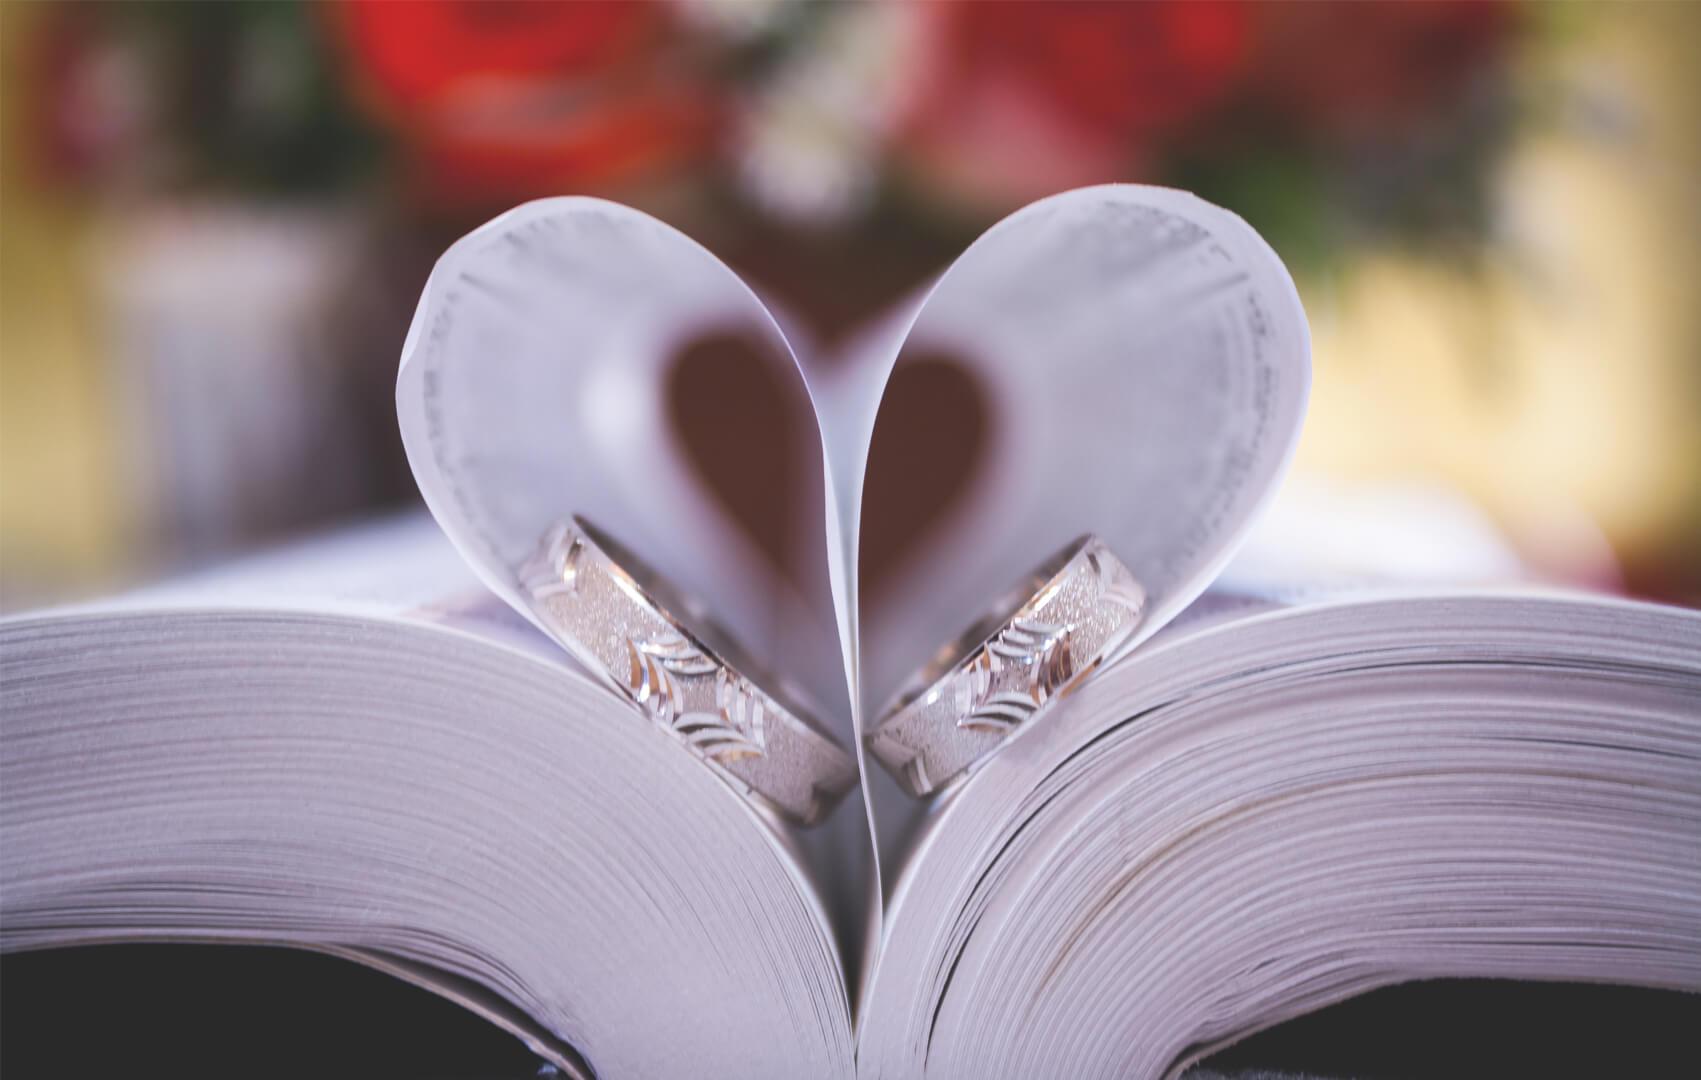 Matrimonio Simbolico Libretto : Libretto matrimonio le parole che restano per sempre yvaine